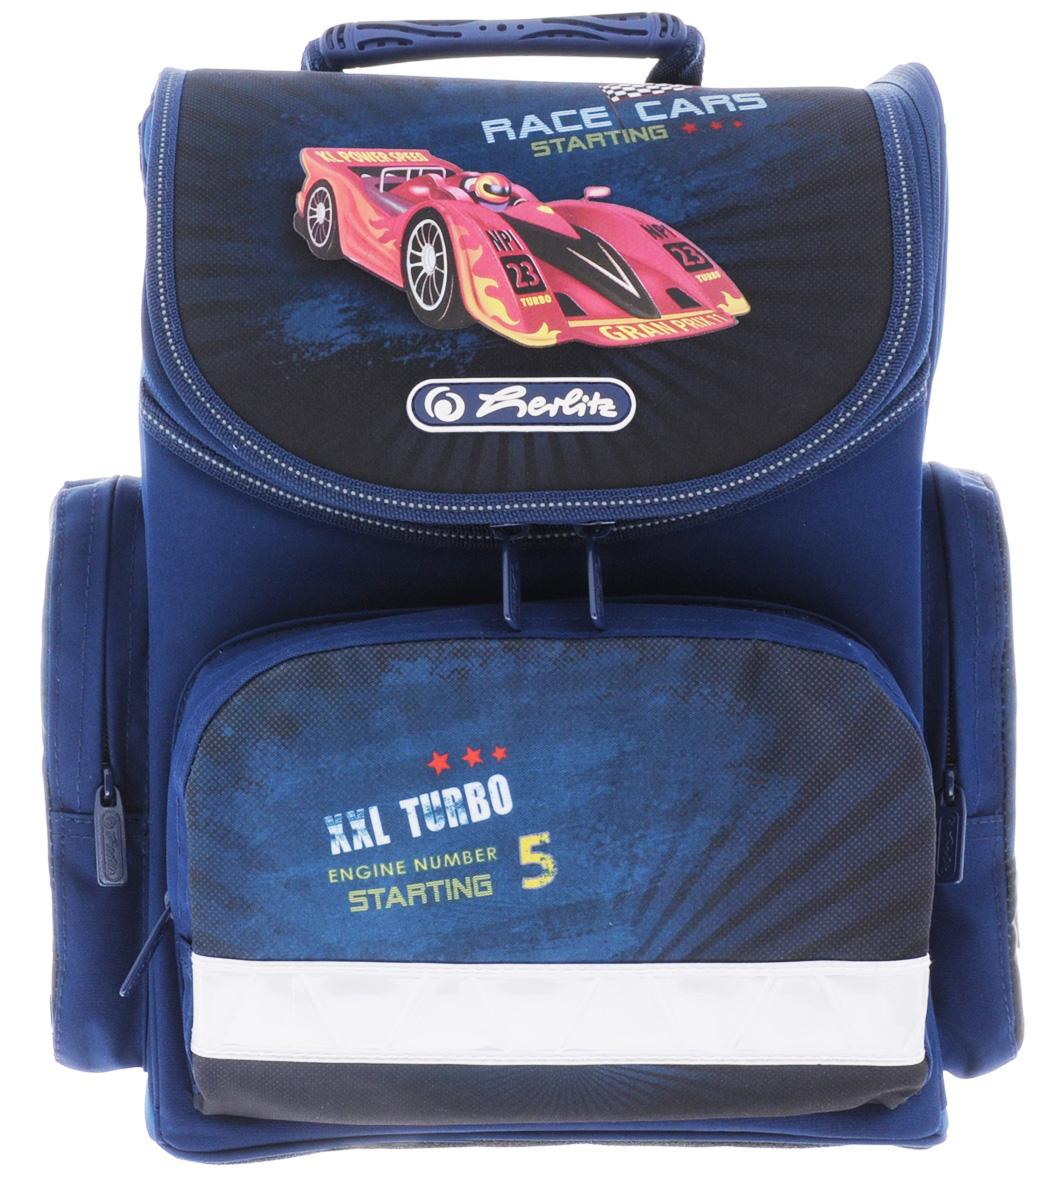 Herlitz Ранец школьный Race Cars11408275Школьный ранец Herlitz Mini. Race Cars выполнен из легкого и прочного материала.Ранец имеет одно основное отделение, закрывающееся на молнию с двумя бегунками. Клапан полностью откидывается, что существенно облегчает пользование ранцем. На внутренней части клапана находится прозрачный пластиковый кармашек, в который можно поместить данные о владельце ранца.Внутри главного отделения расположена мягкая перегородка для тетрадей или учебников. На лицевой стороне ранца расположен накладной карман на застежке-молнии. По бокам ранца размещены два накладных кармана на молнии.Ортопедическая спинка, созданная по специальной технологии из дышащего материала, равномерно распределяет нагрузку на плечевые суставы и спину. В нижней части спинки расположен поясничный упор - небольшой валик, на который при правильном ношении ранца будет приходиться основная нагрузка.Изделие оснащено удобной ручкой для переноски в руке и двумя широкими лямками, регулируемой длины. У ранца имеются светоотражатели. Дно ранца из прочного материала легко очищается от загрязнений.Многофункциональный школьный ранец станет незаменимым спутником вашего ребенка в походах за знаниями.Вес ранца без наполнения: 1 кг.Рекомендуемый возраст: от 6 лет.